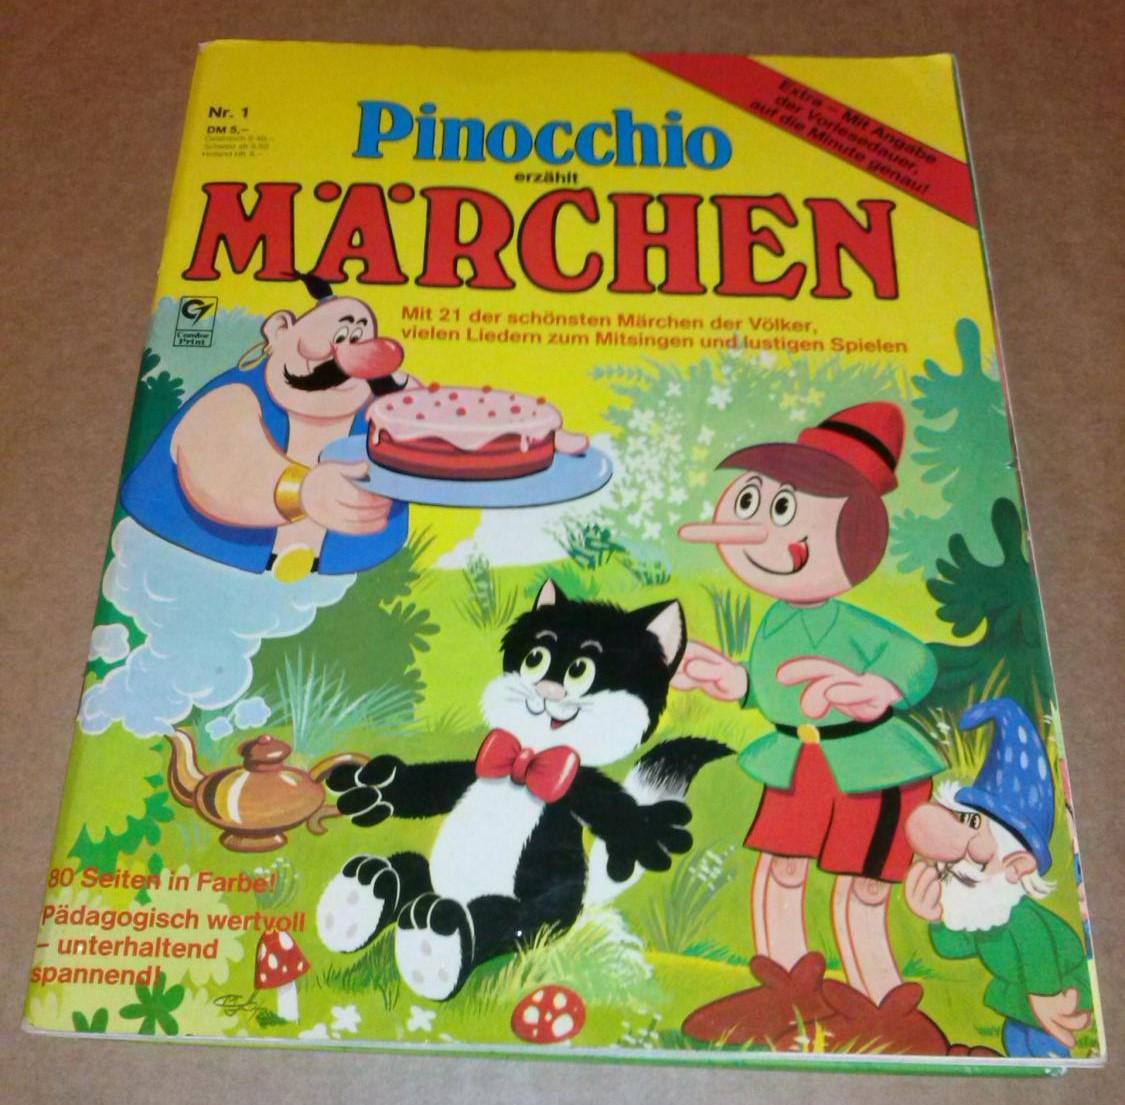 Pinocchio erzählt Märchen. Mit 21 der schönsten Märchen der Völker, vielen Liedern zum Mitsingen und lustigen Spielen. Nr. 1 / Extra - Mit Angabe der Vorlesedauer, auf die Minute genau! // 80 Seiten in Farbe! Pädagogisch wertvoll - unterhaltend spannen... 0